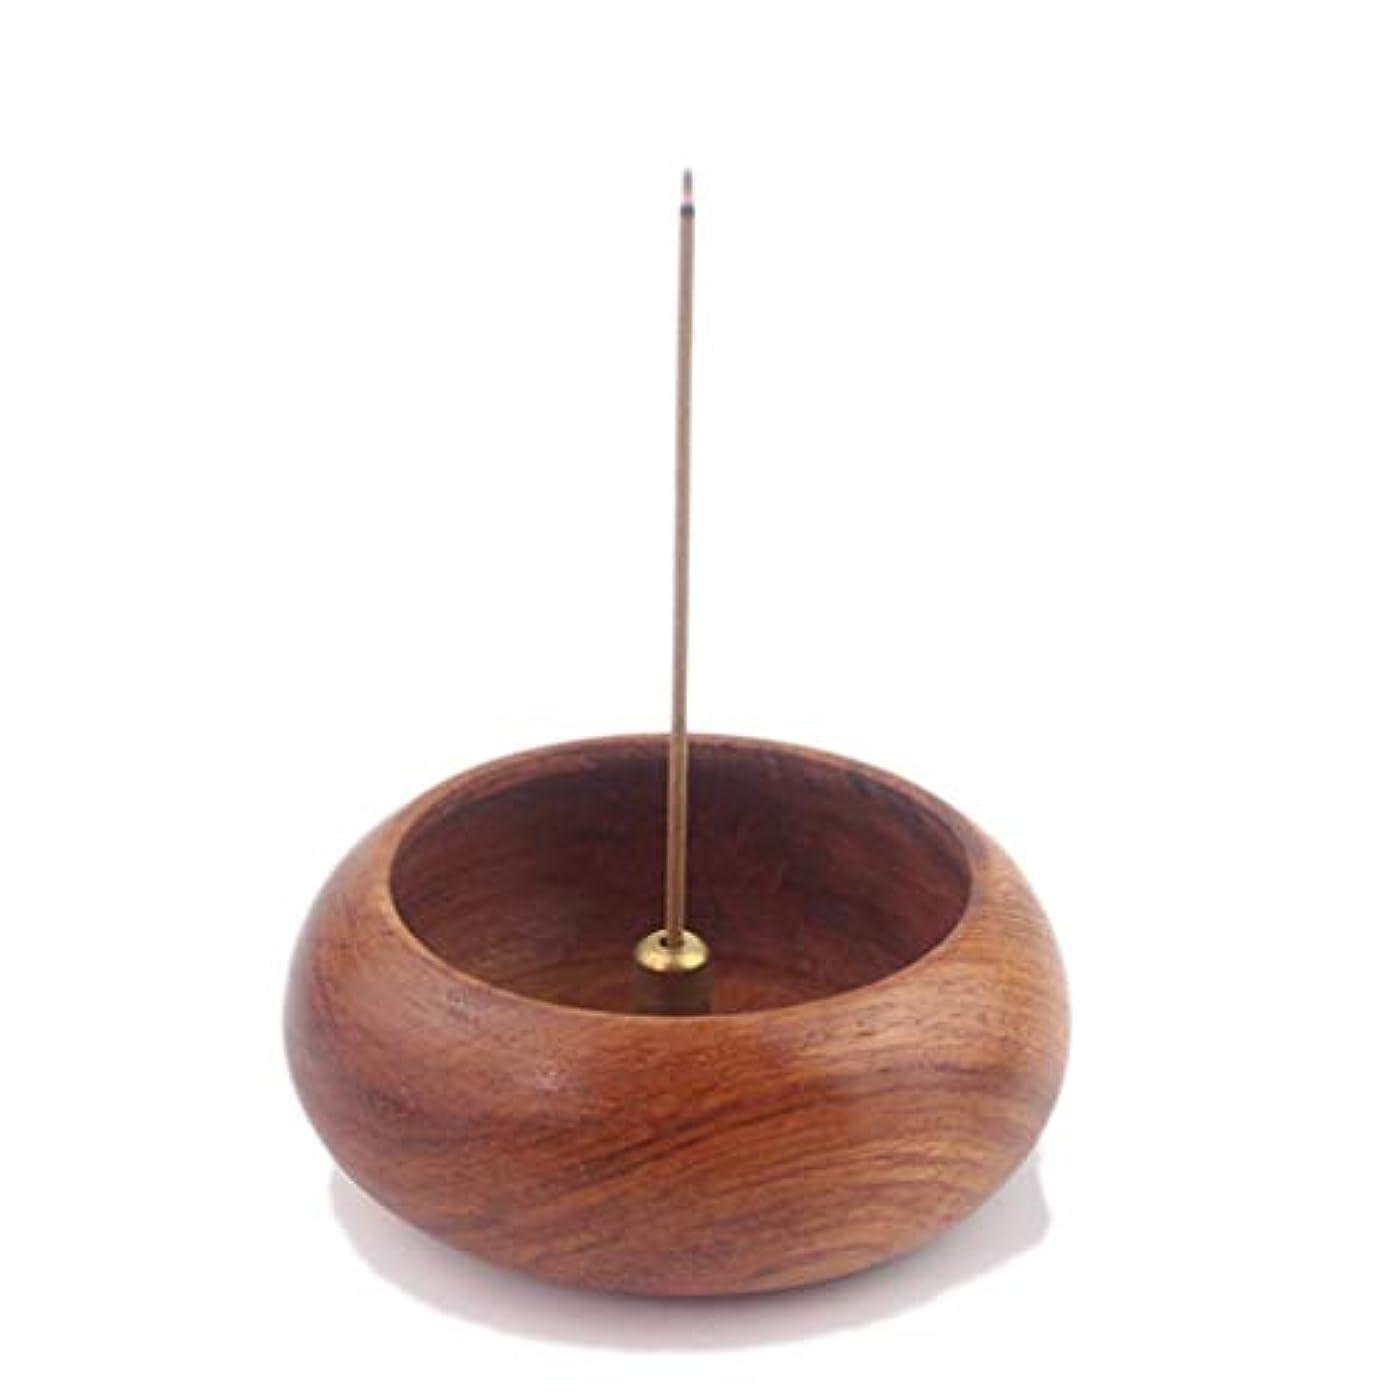 人里離れたみなすシロナガスクジラローズウッドボウル型の香炉ホルダーホーム&キッチン炉香ホルダー装飾香スティックコーンバーナーホルダー (Color : Wood, サイズ : 2.44*0.94inches)